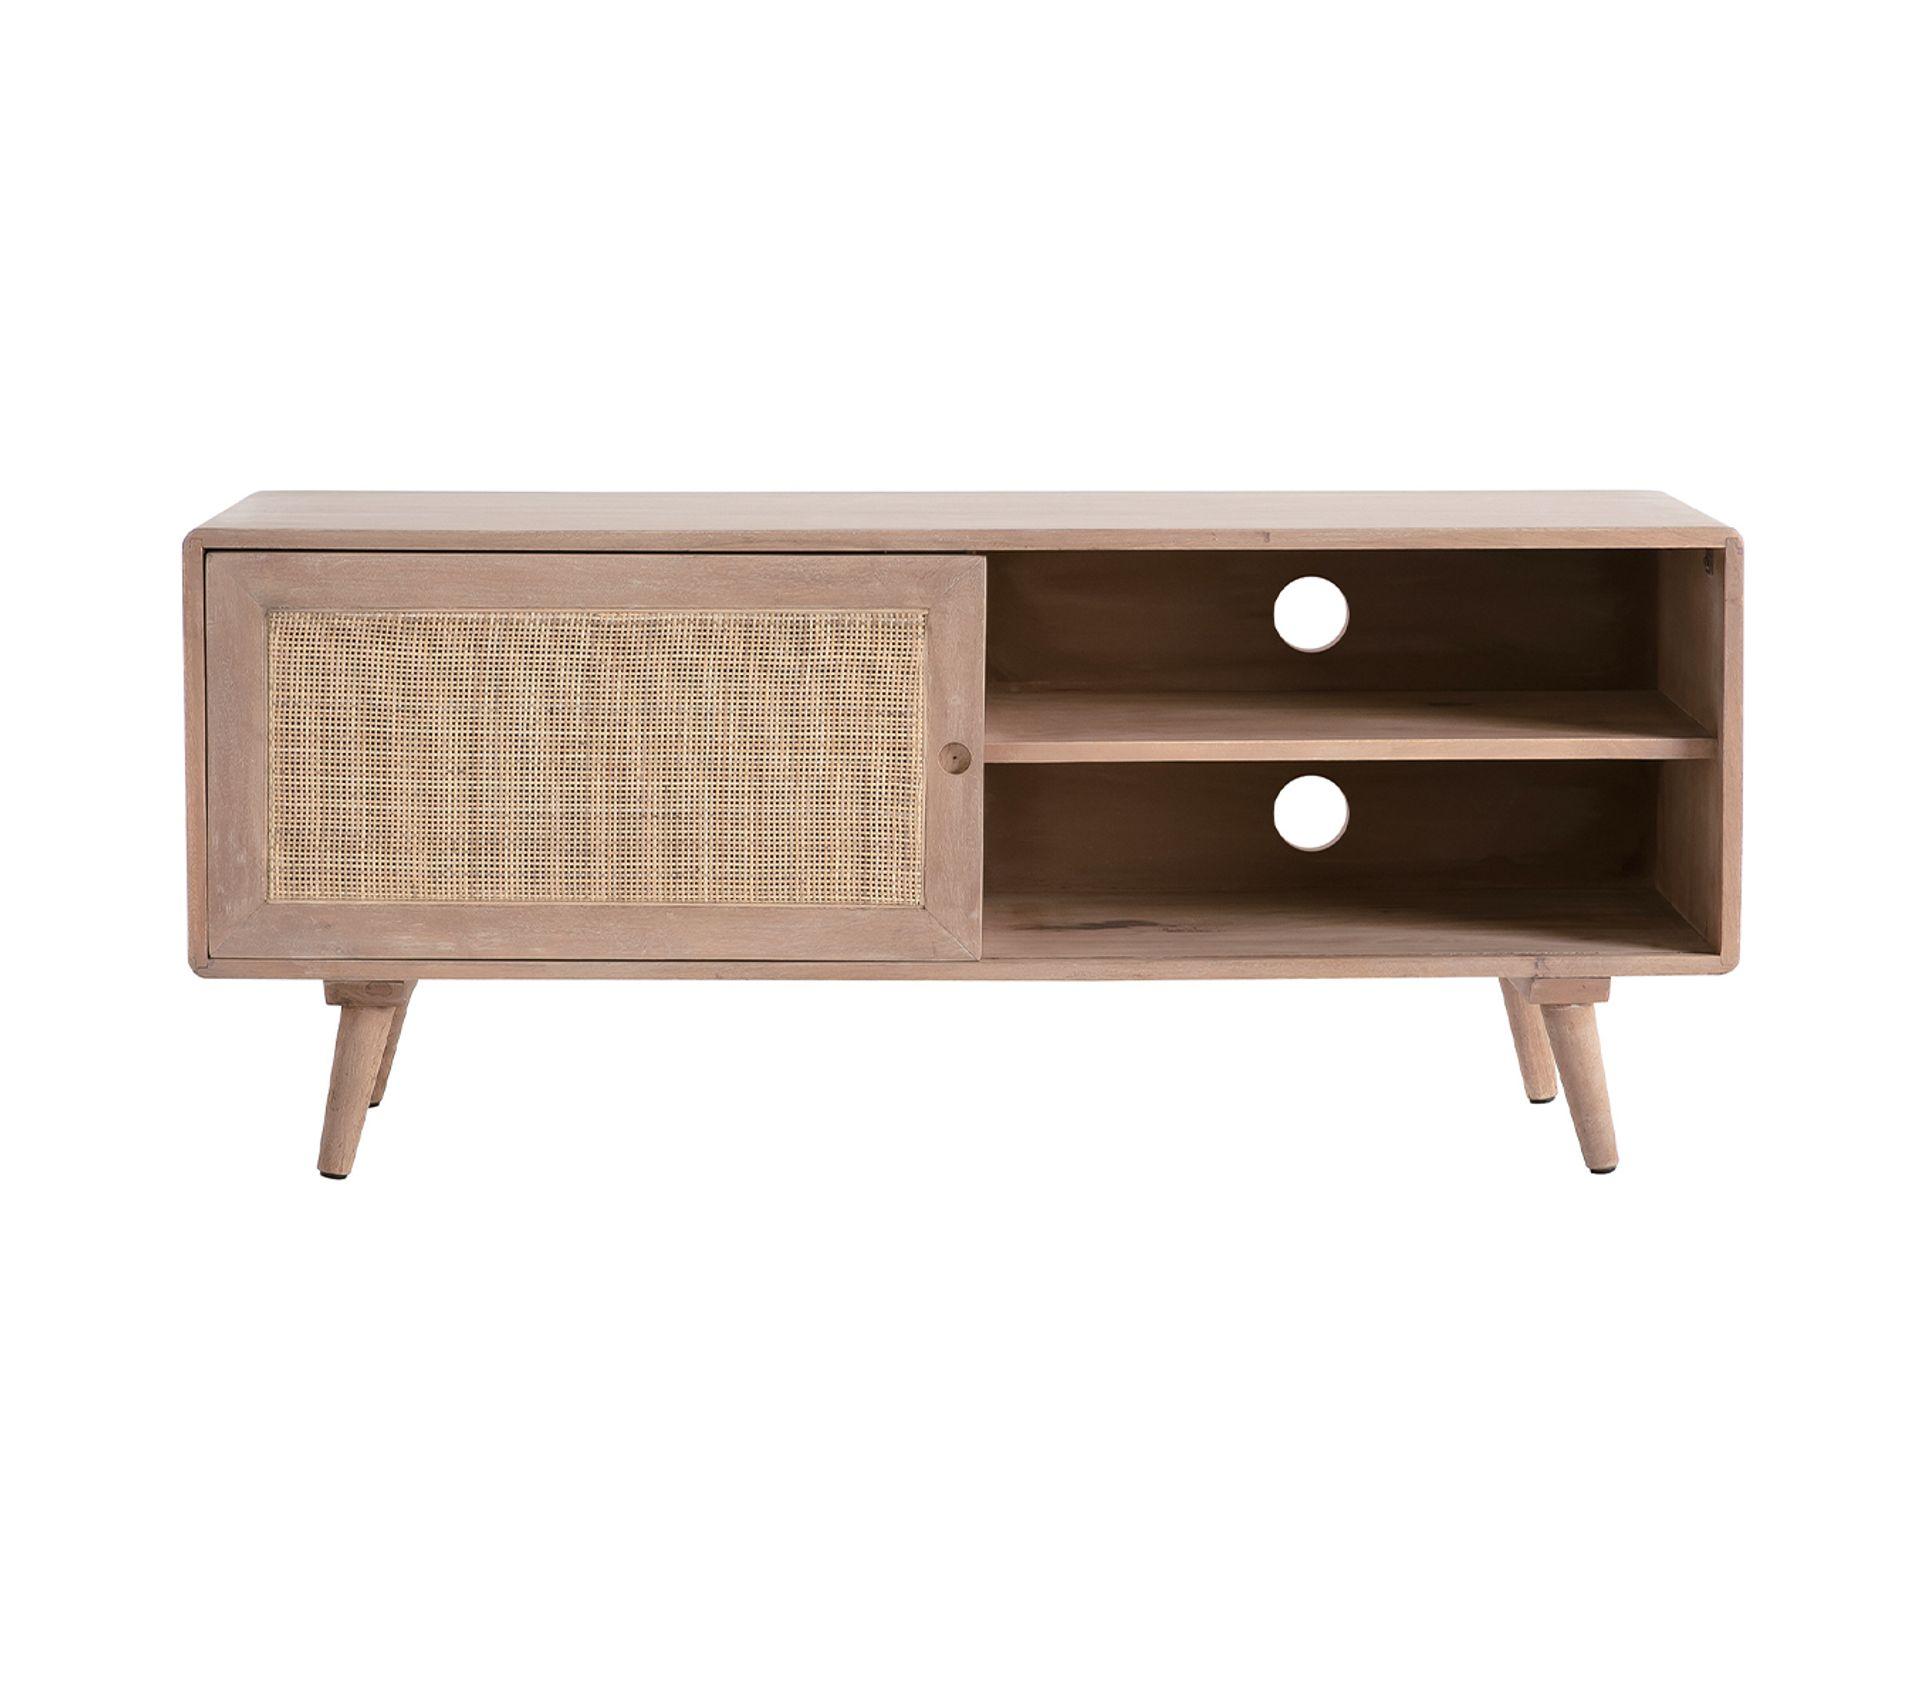 Meuble Cache Poubelle Interieur meuble tv en bois de manguier et cannage acange